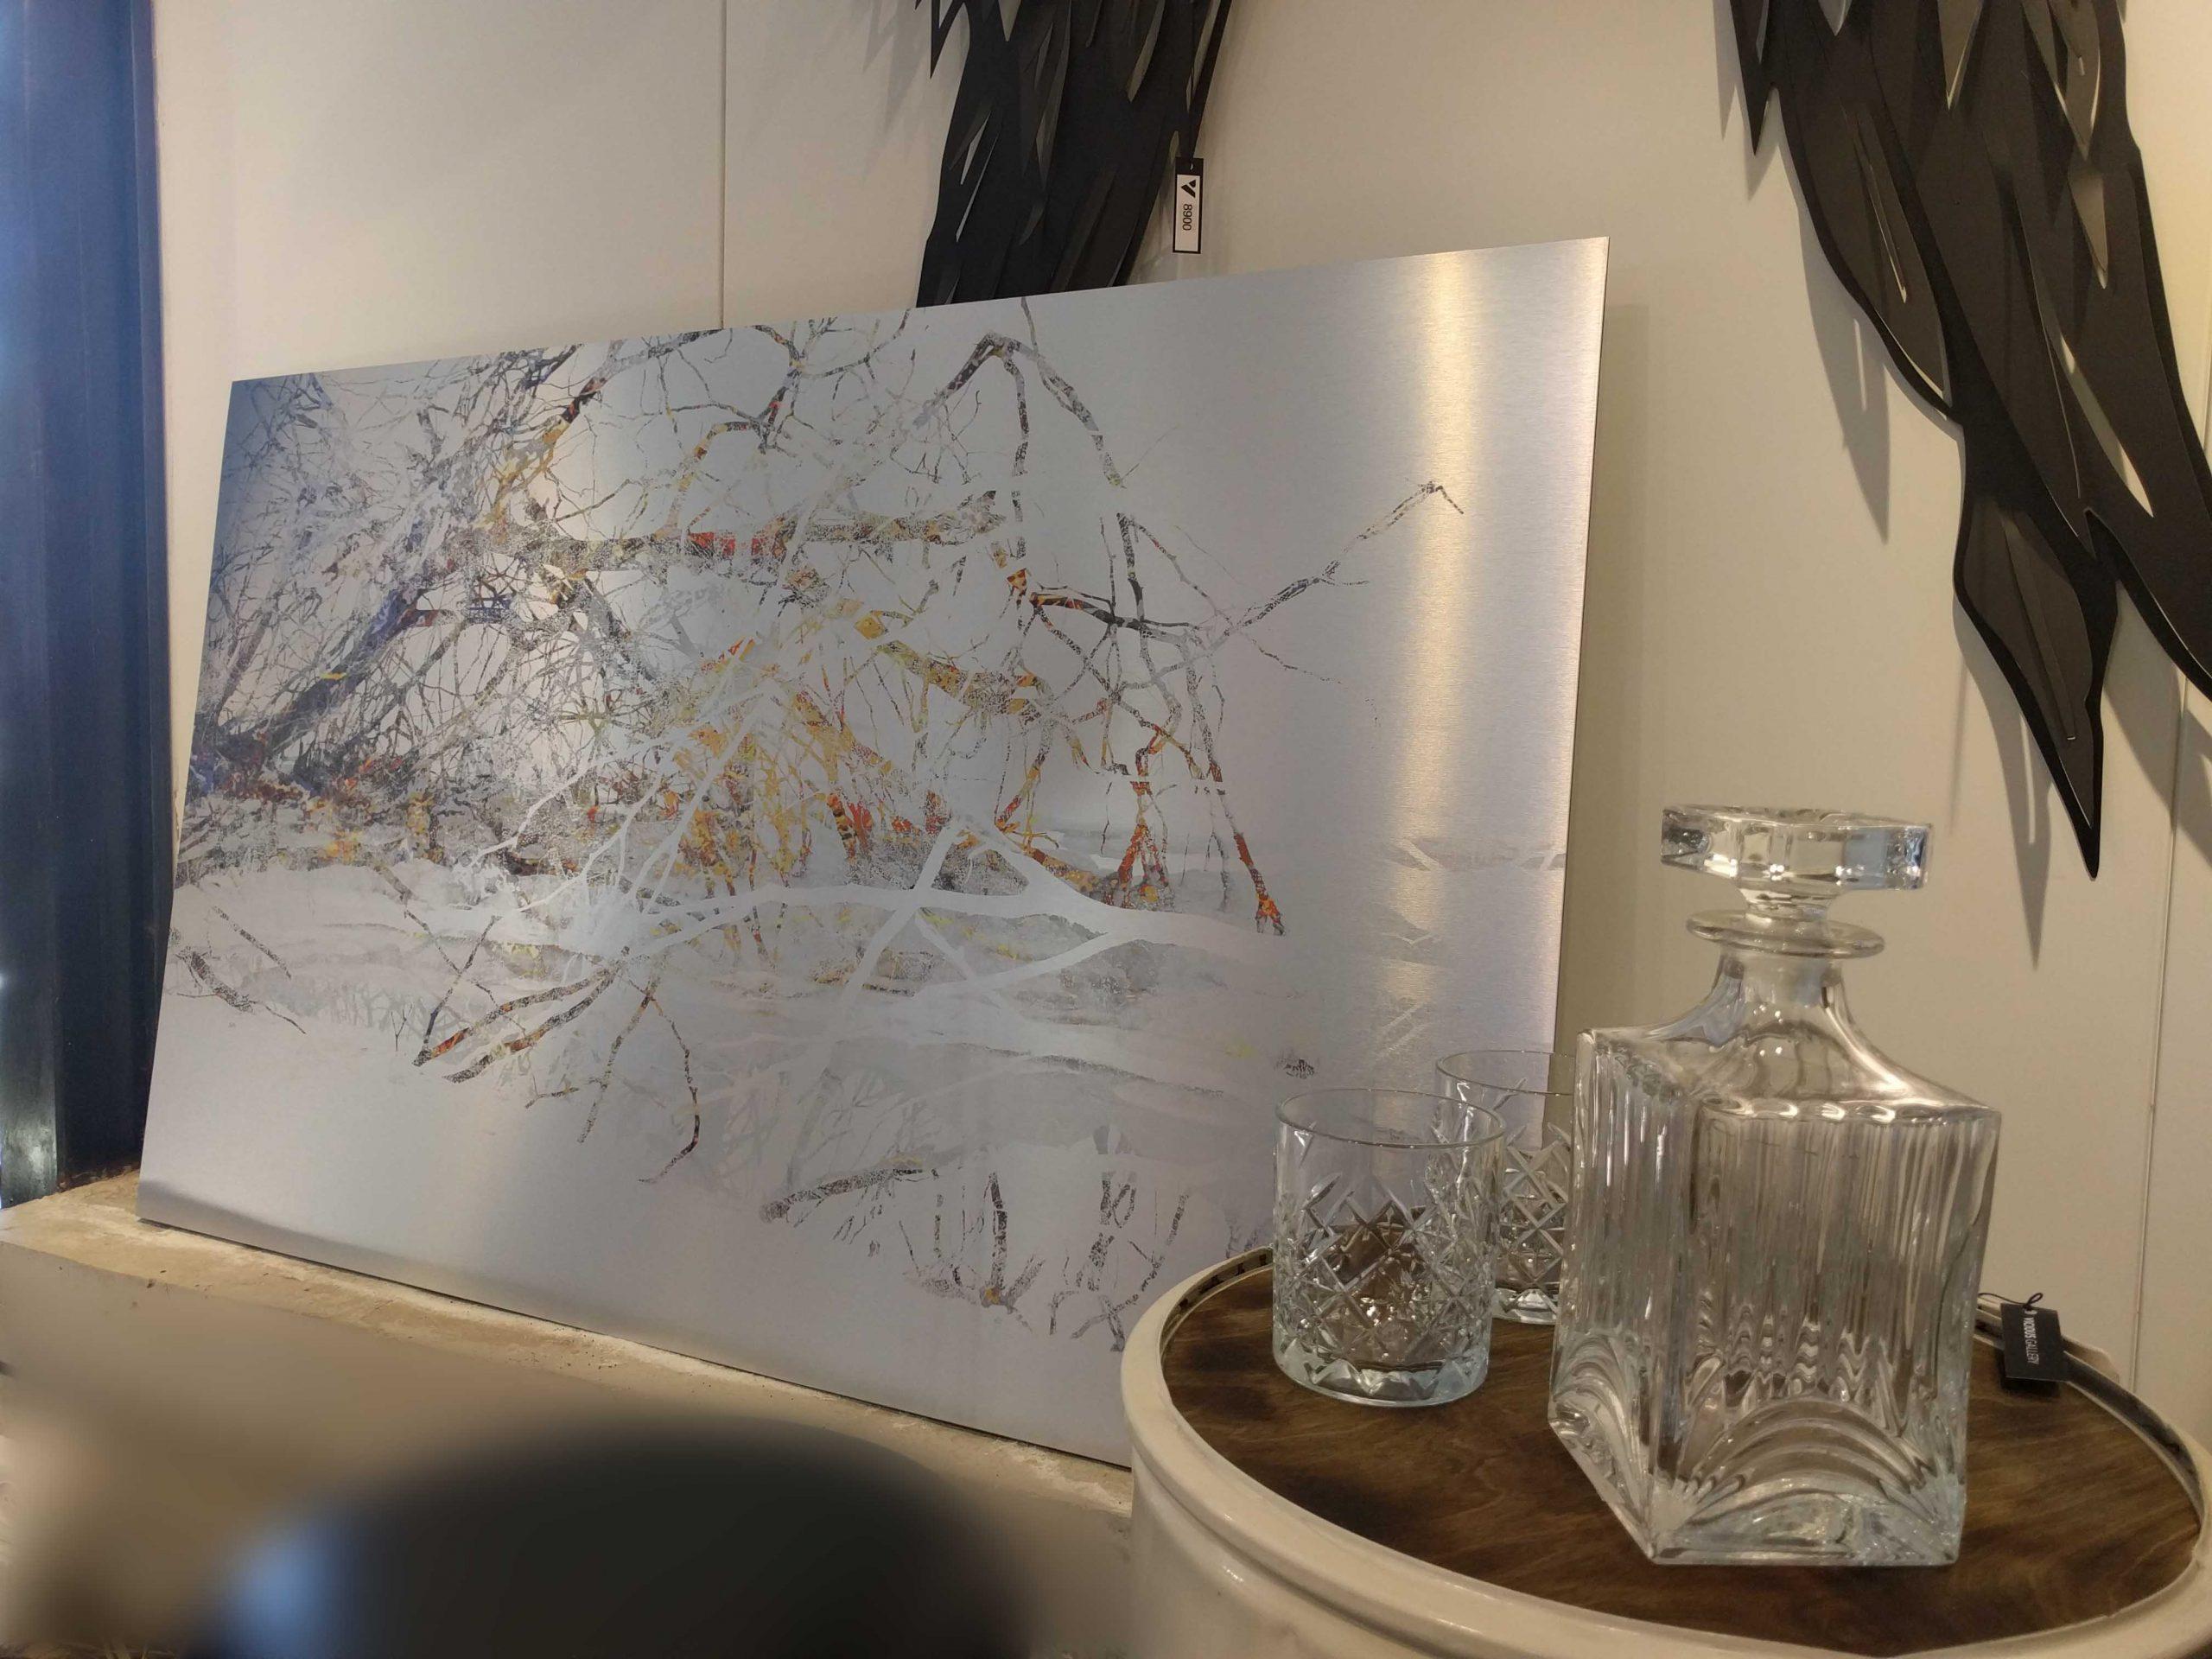 הציור עצים במים מודפס על אלומניום כסוף, למראה יוקרתי ומרשים